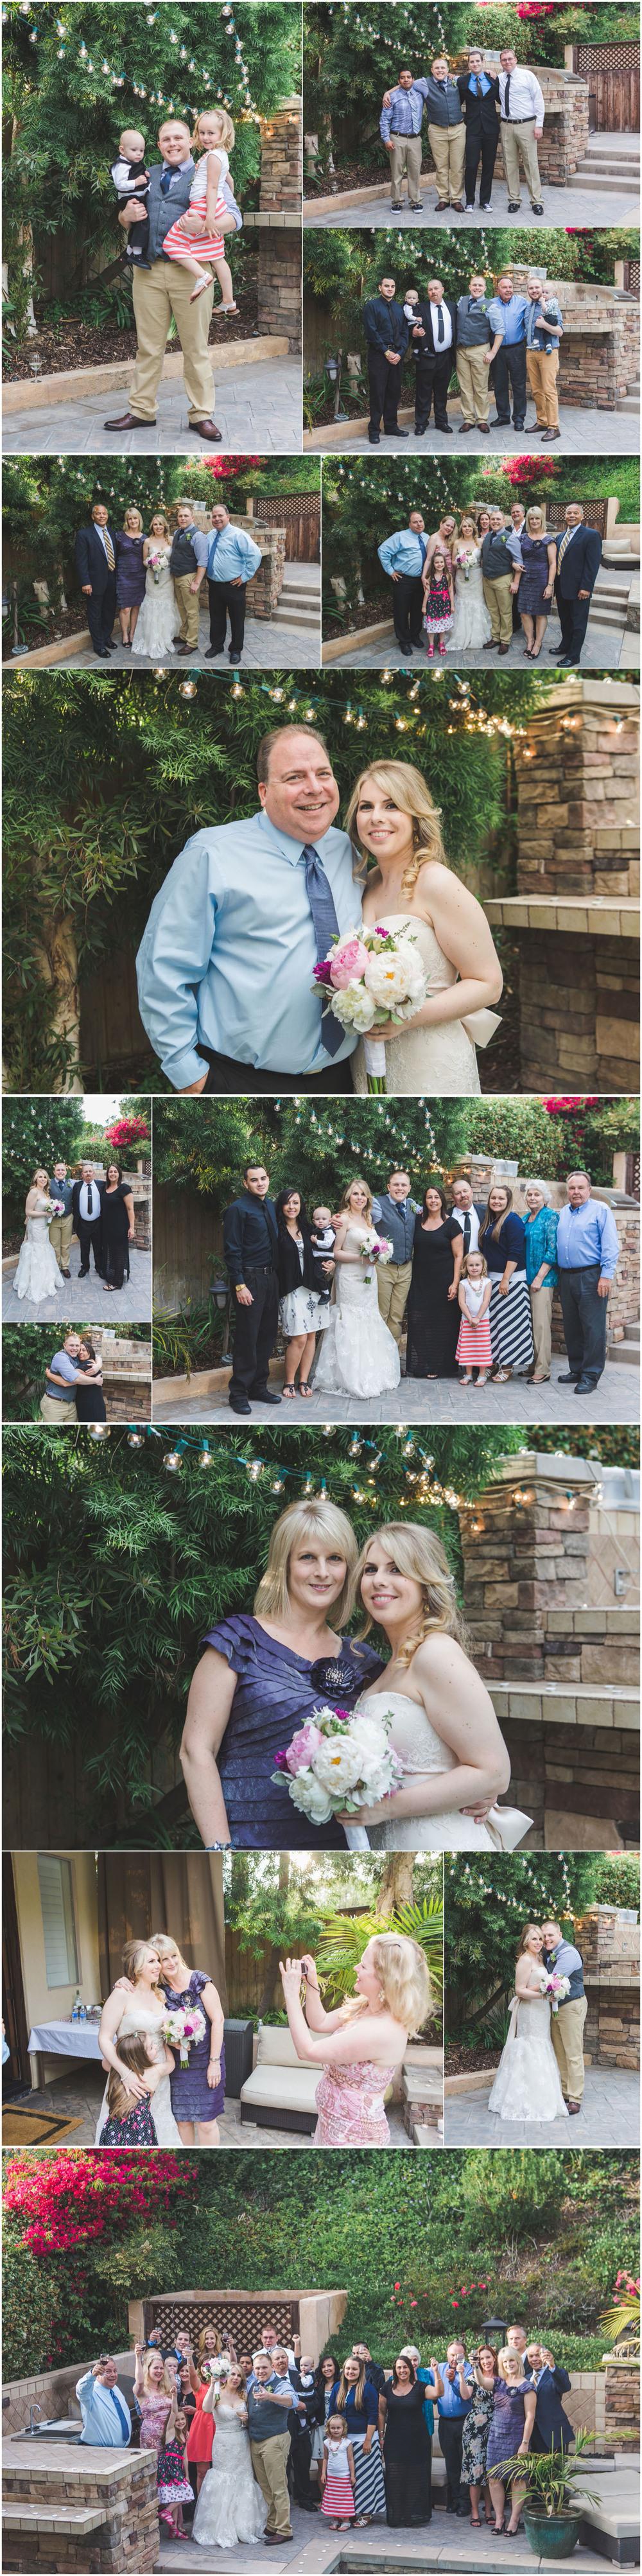 ashley vos photography seattle area wedding photographer courthouse wedding backyard wedding seattle washington_0119.jpg